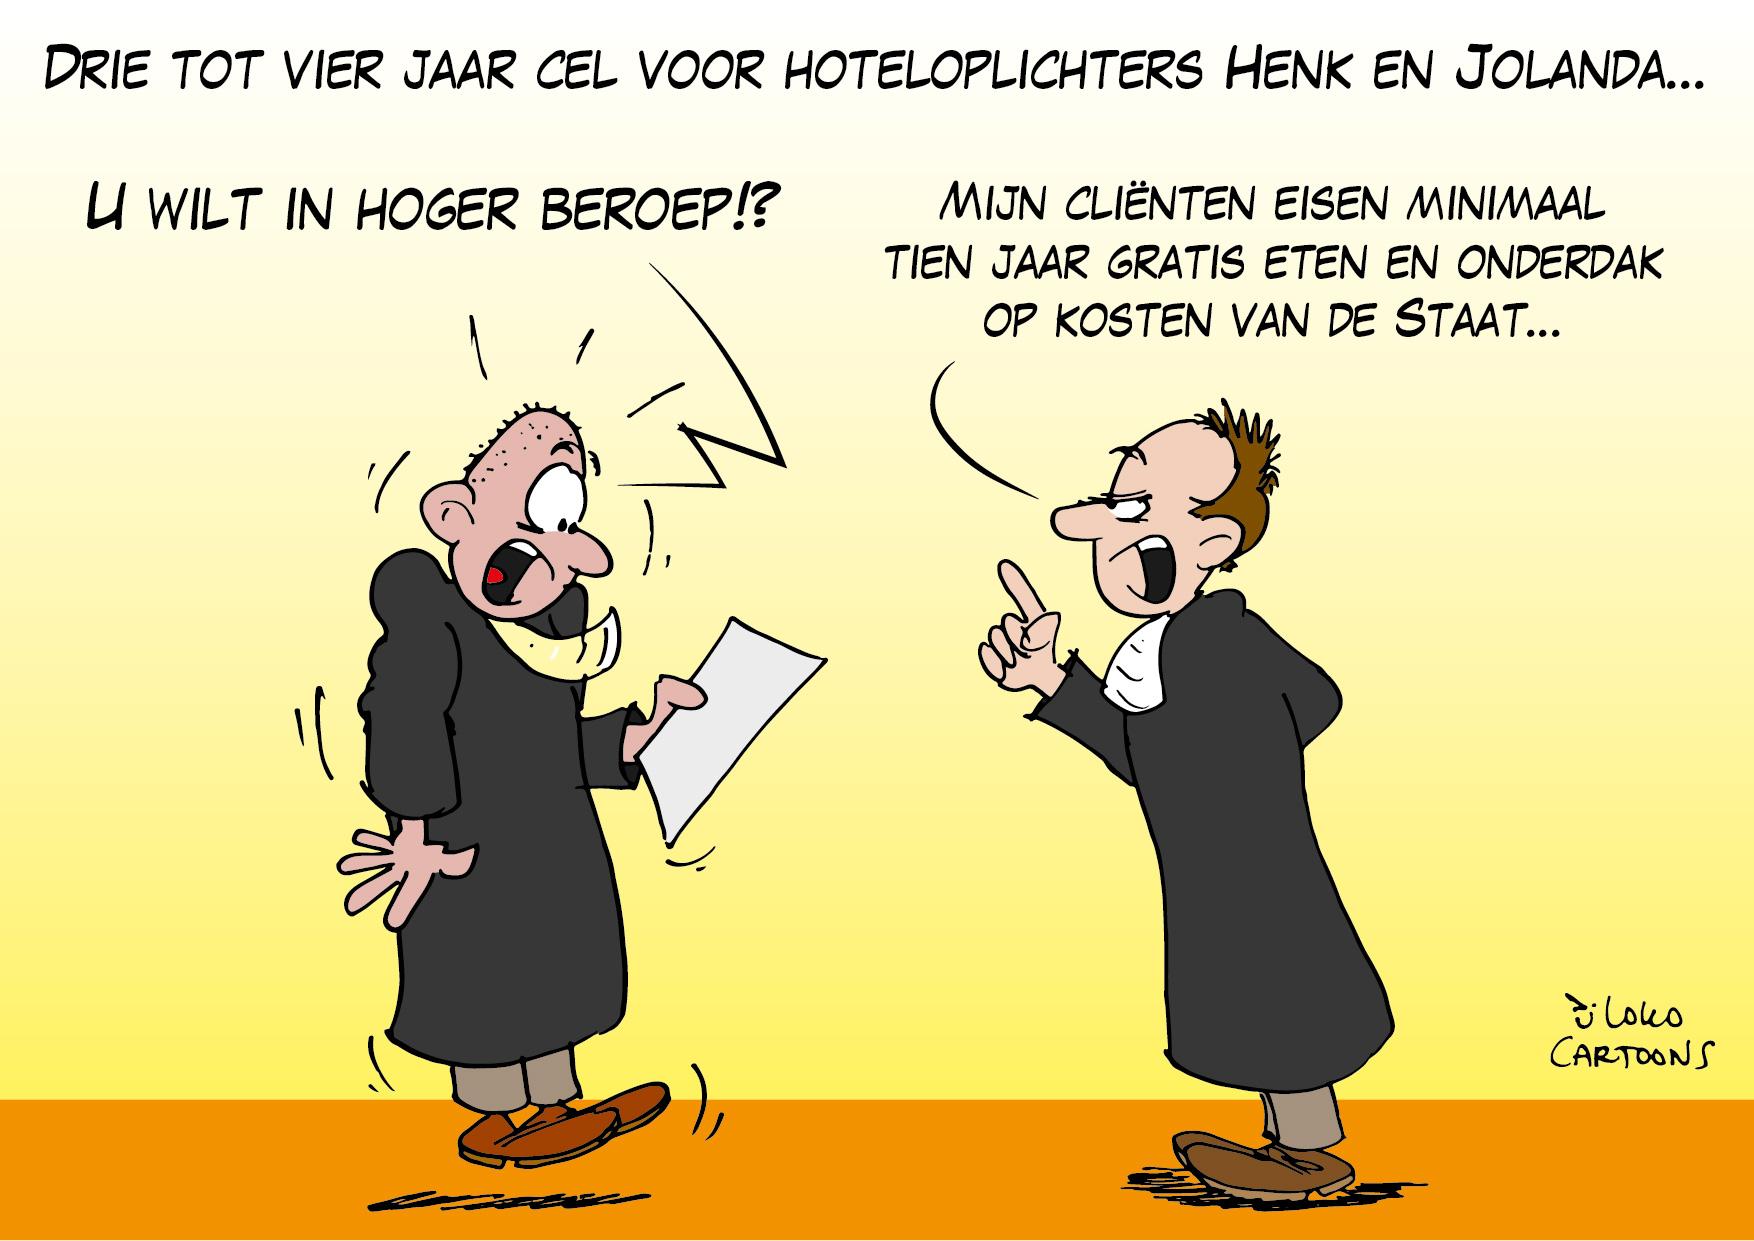 Drie tot vier jaar cel voor hoteloplichters Henk en Jolanda…